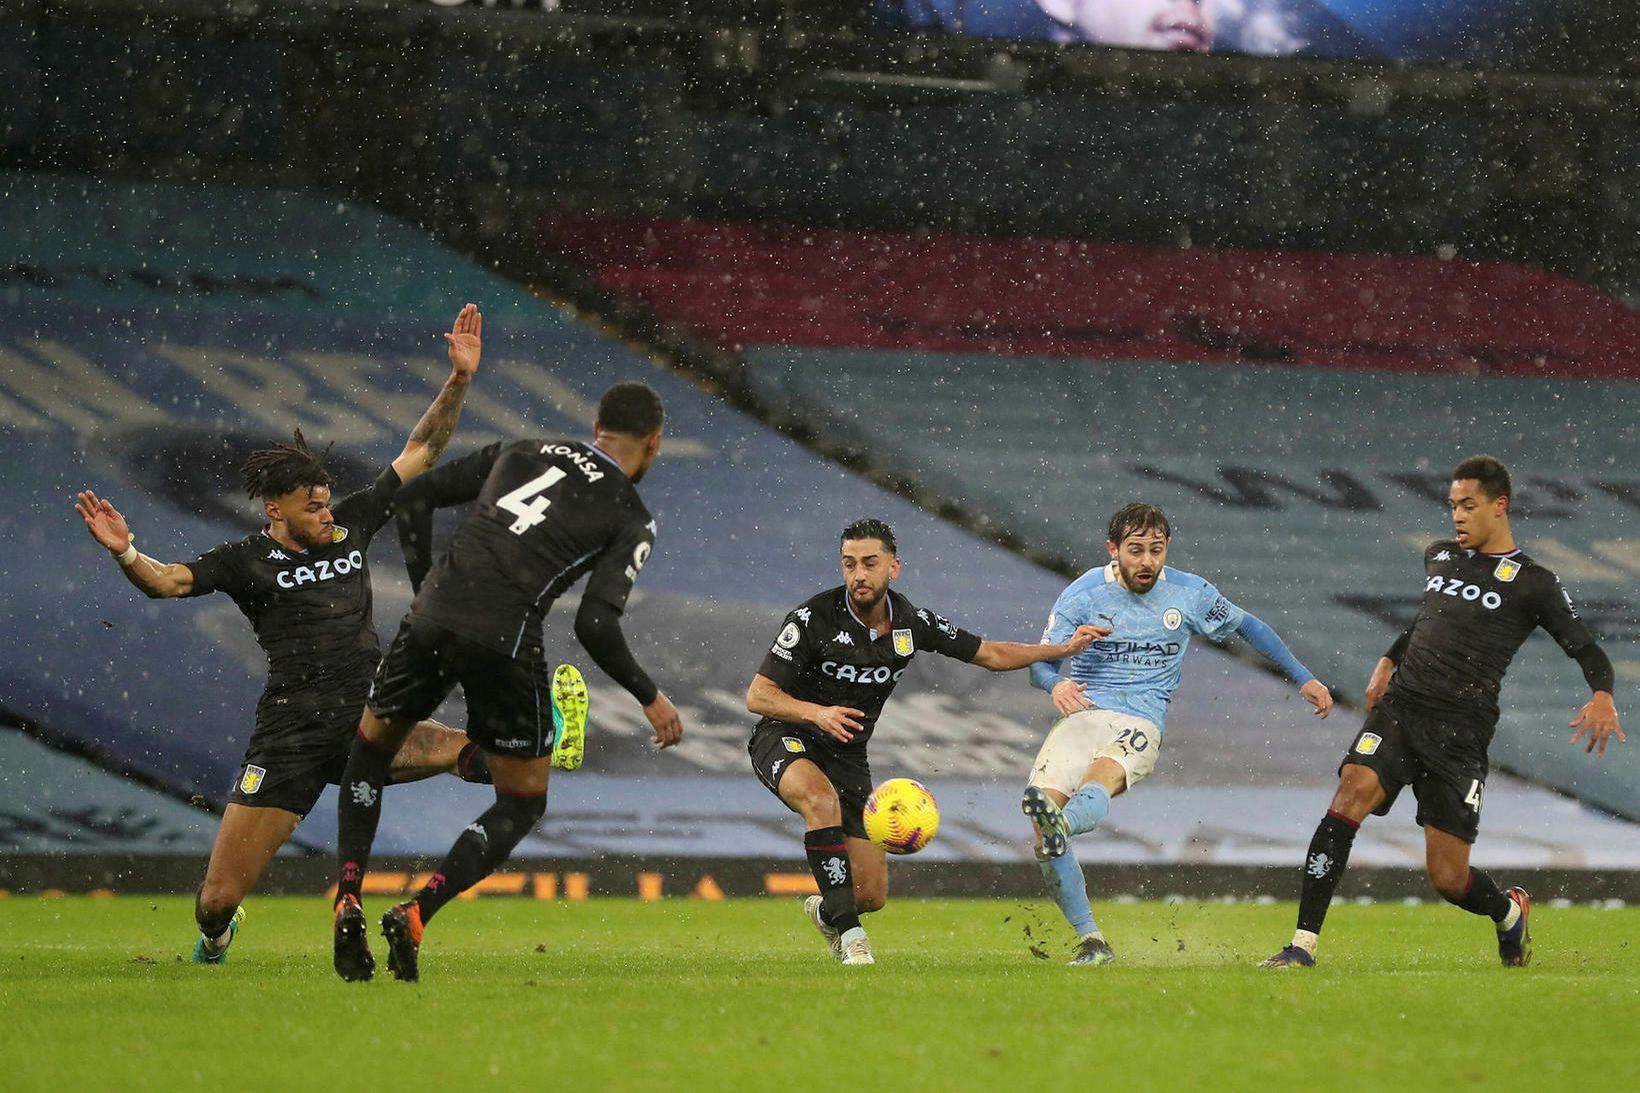 Bernardo Silva skorar markið umdeilda gegn Aston Villa.